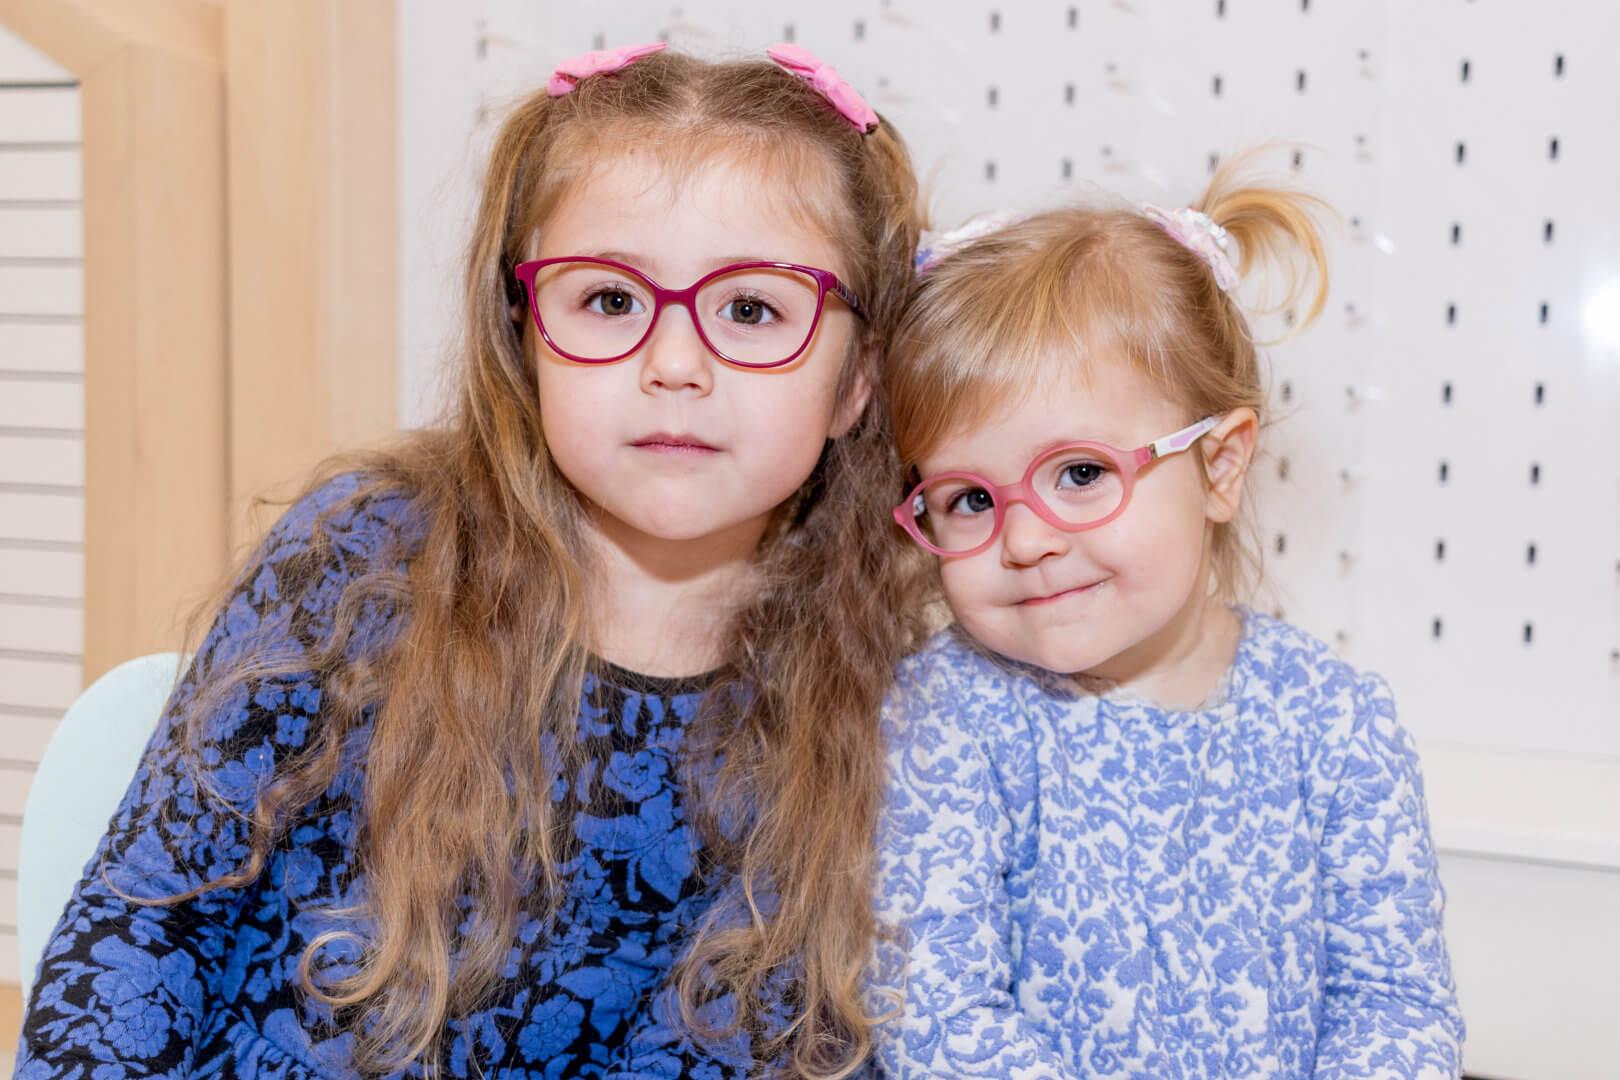 dziewczynki w okularach idealnych dla dzieci